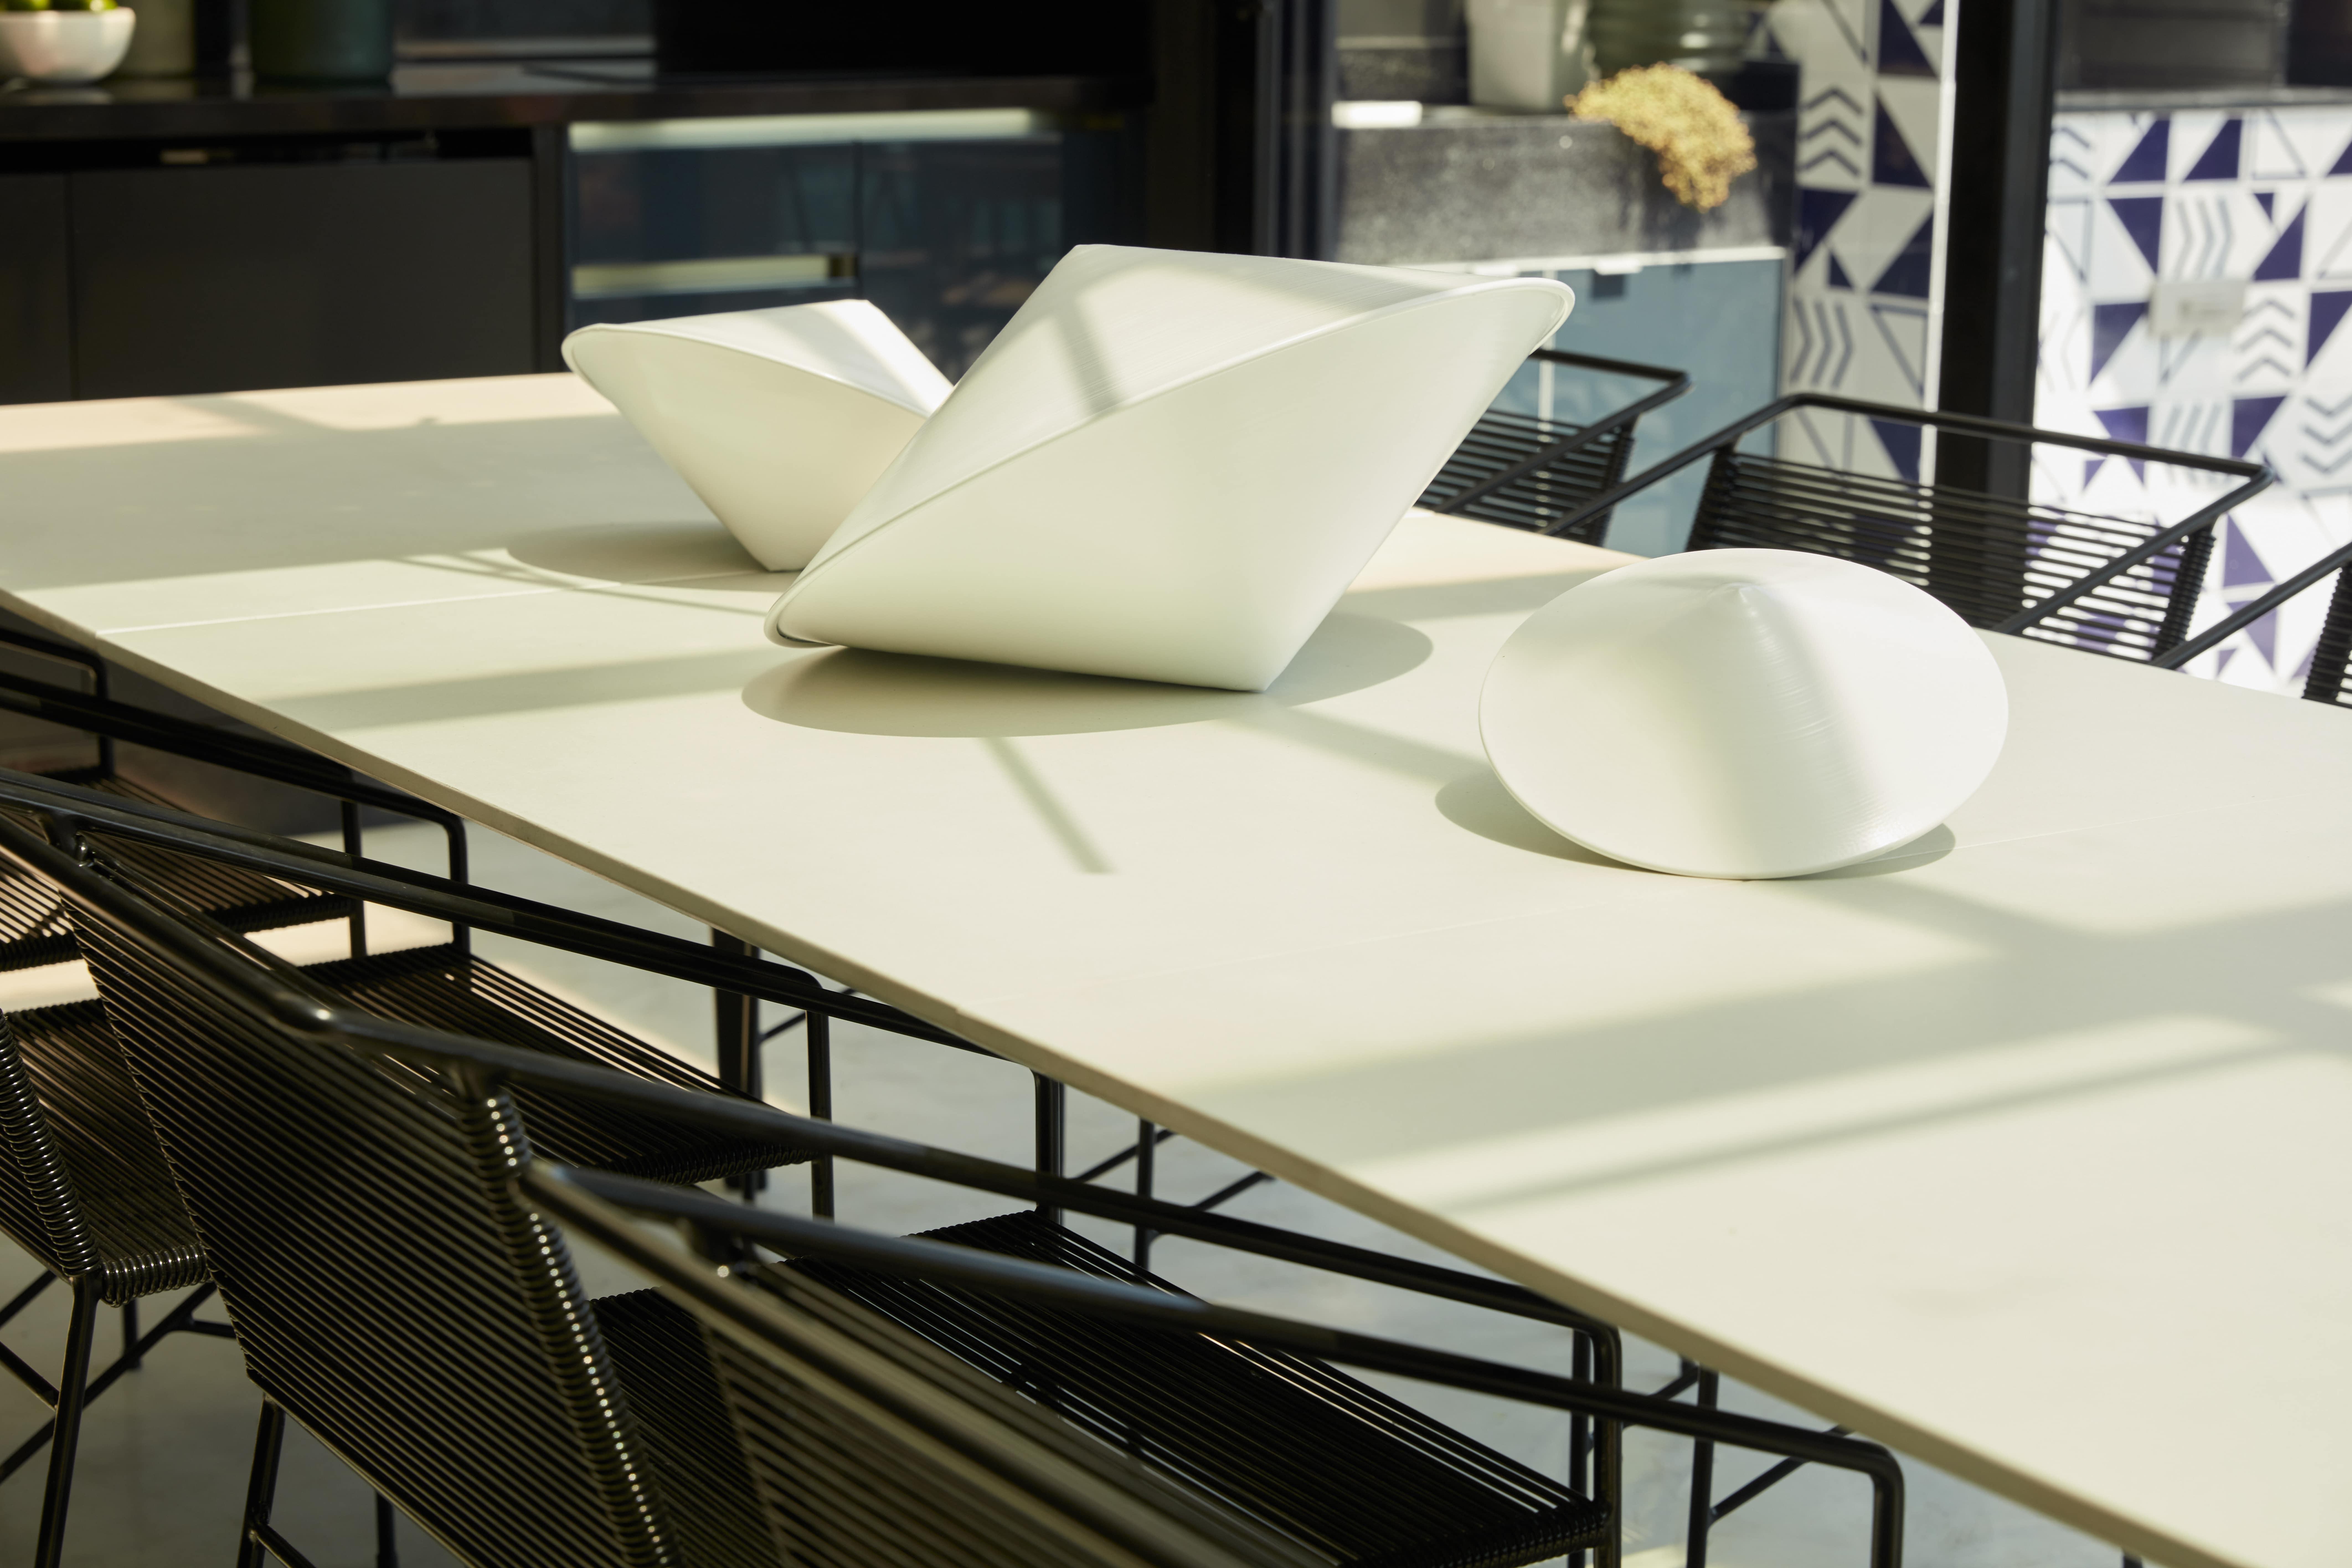 Projeto mistura o minimalismo com peças decorativas impactantes.